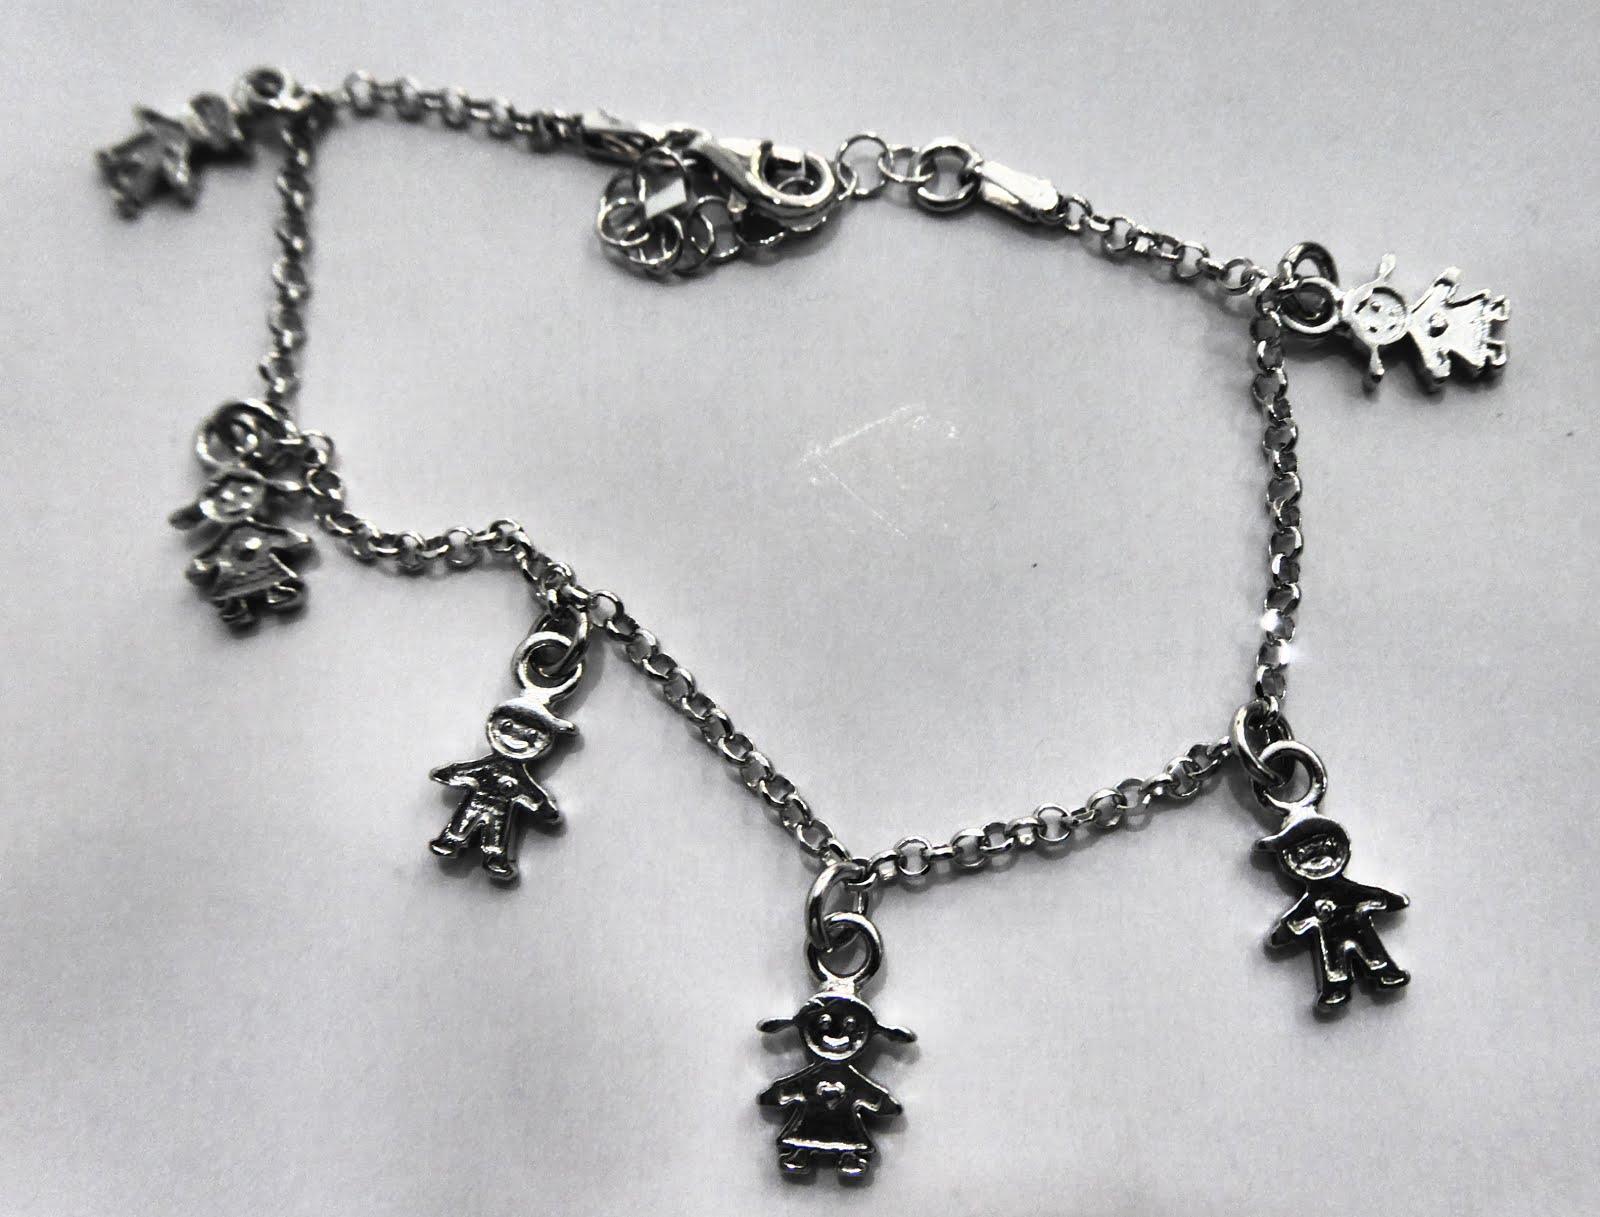 Pulsera de plata con colgantes en forma de niños y niñas